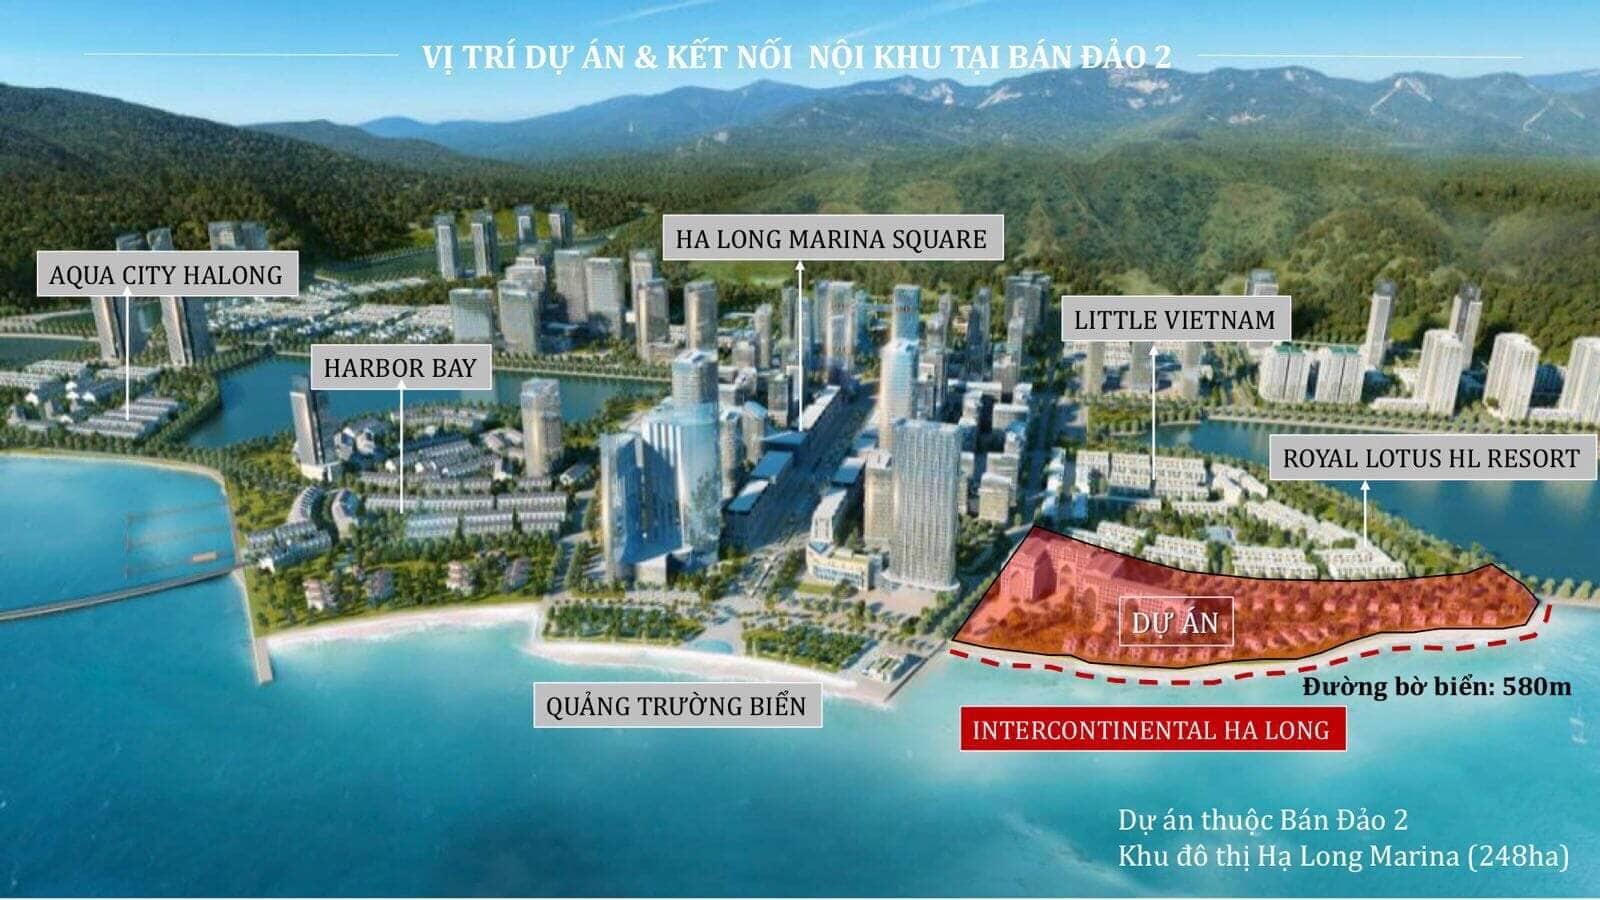 Intercontinental Hạ Long Bay Tiện ích nổi bật chỉ có tại dự án